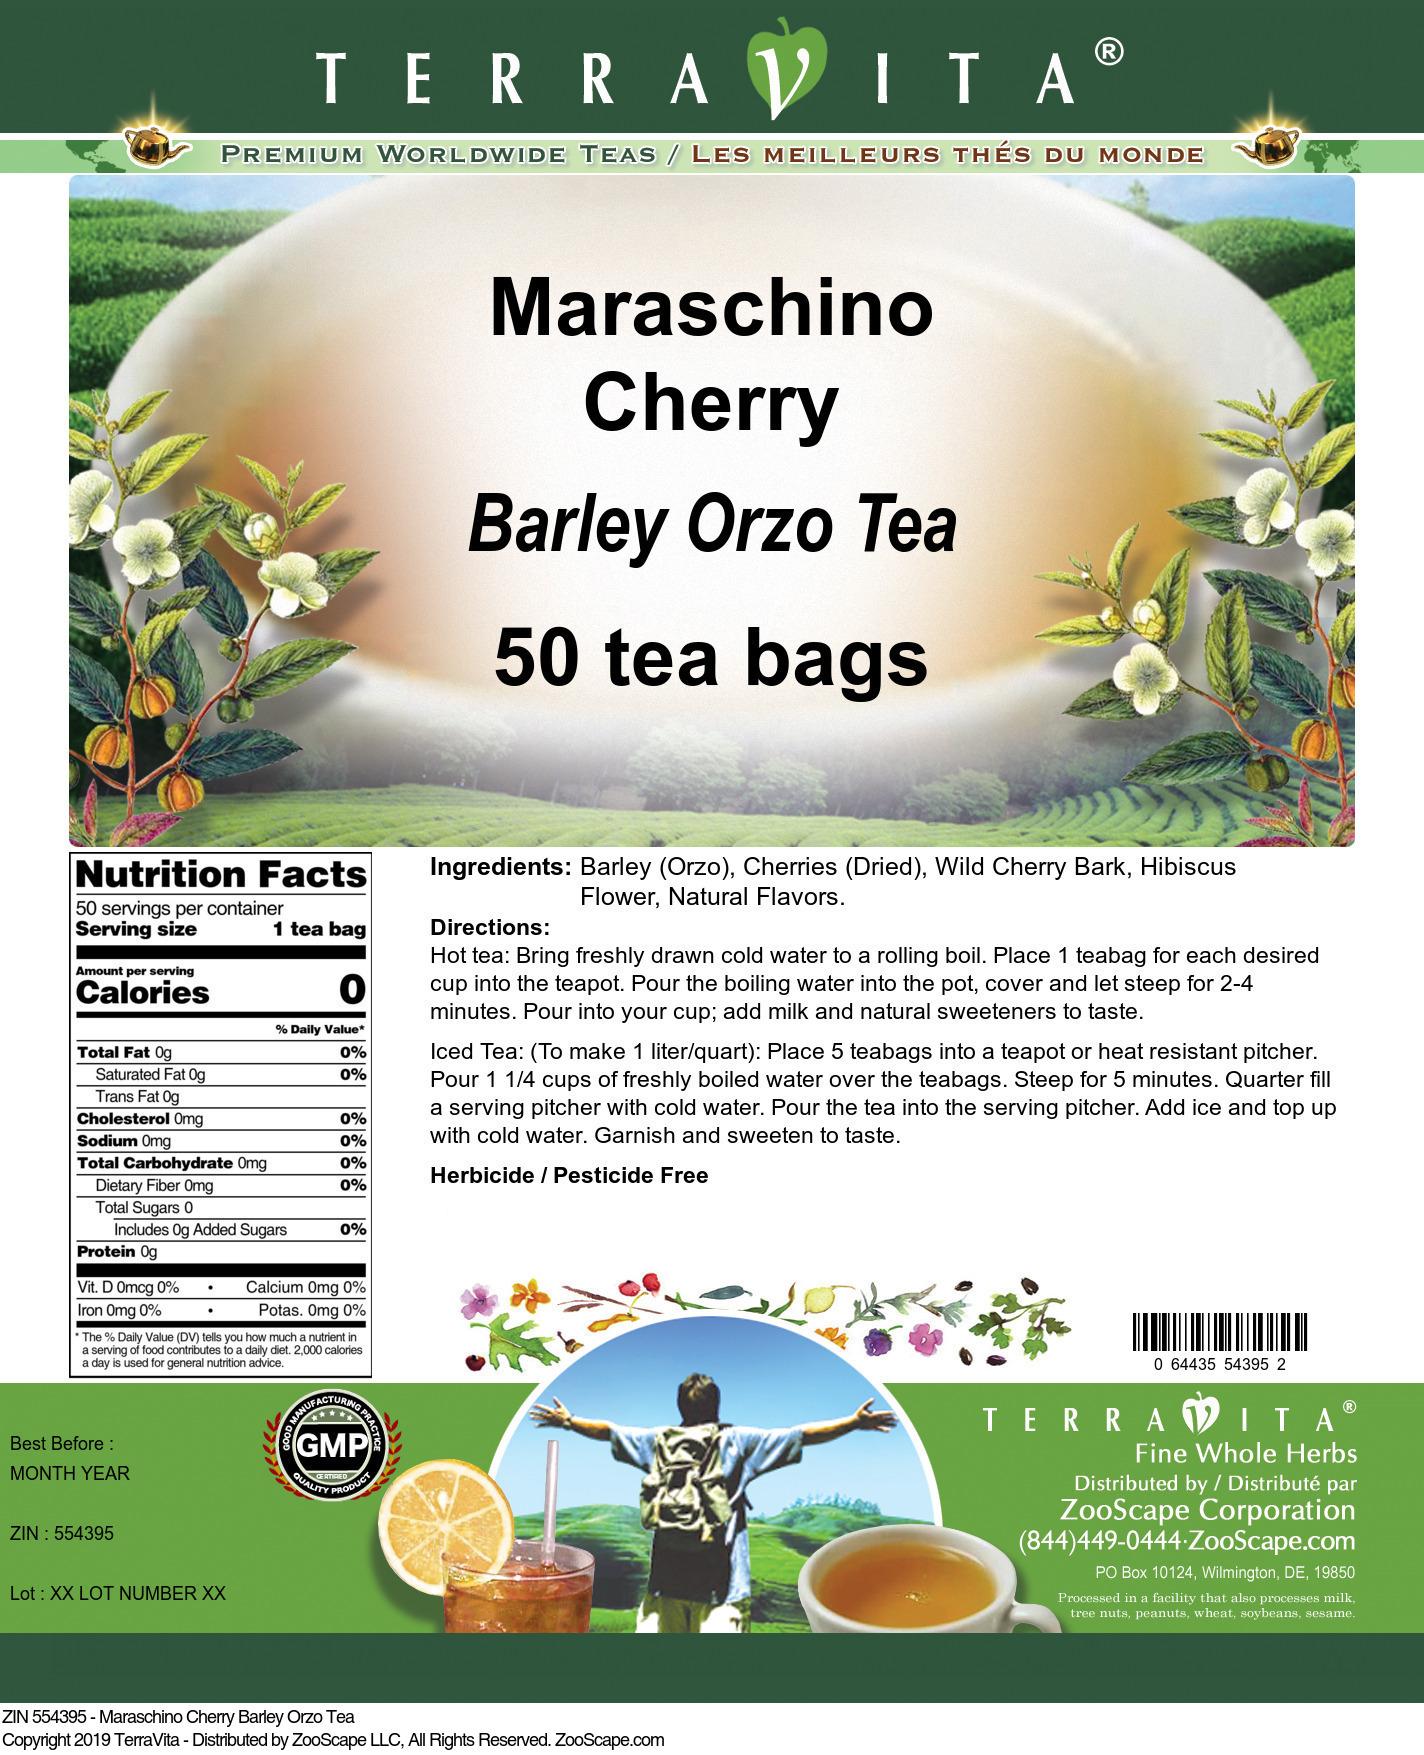 Maraschino Cherry Barley Orzo Tea